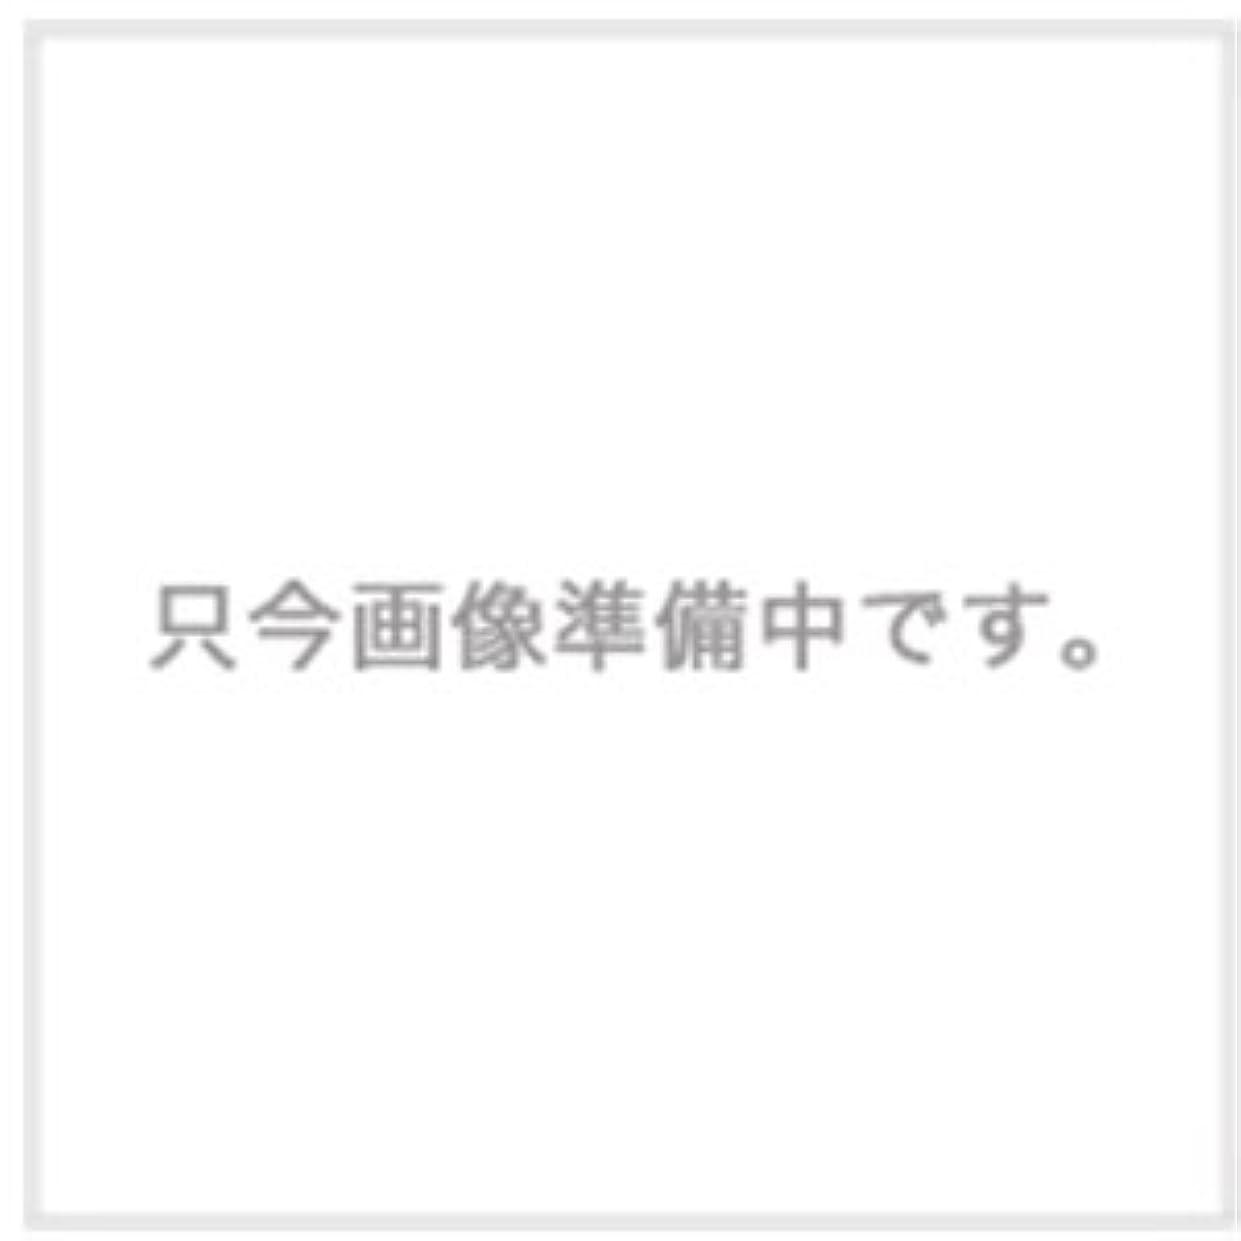 領収書トレイ夫ハホニコ ザ?ラメラメ トリートメント No.1 1000g用ハードケース